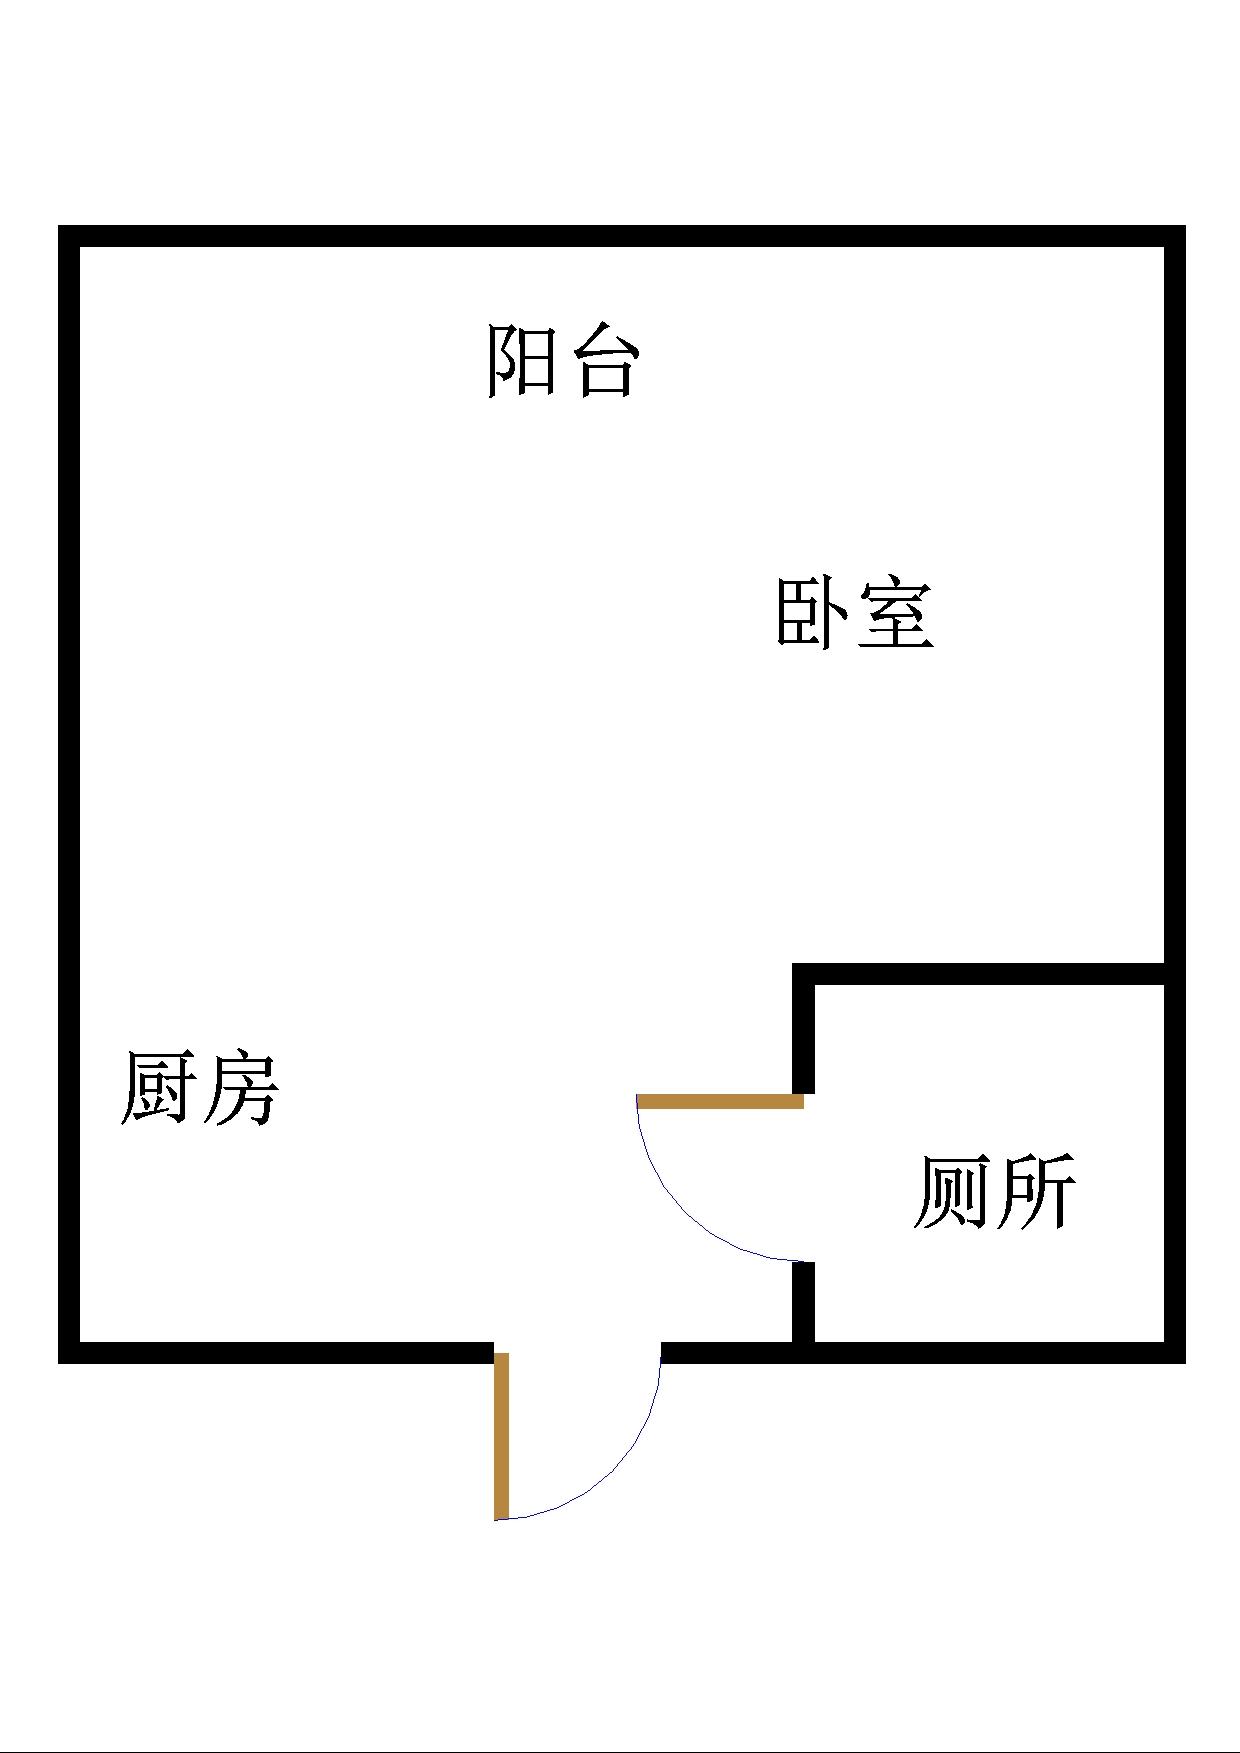 万达广场公寓 1室1厅 25楼